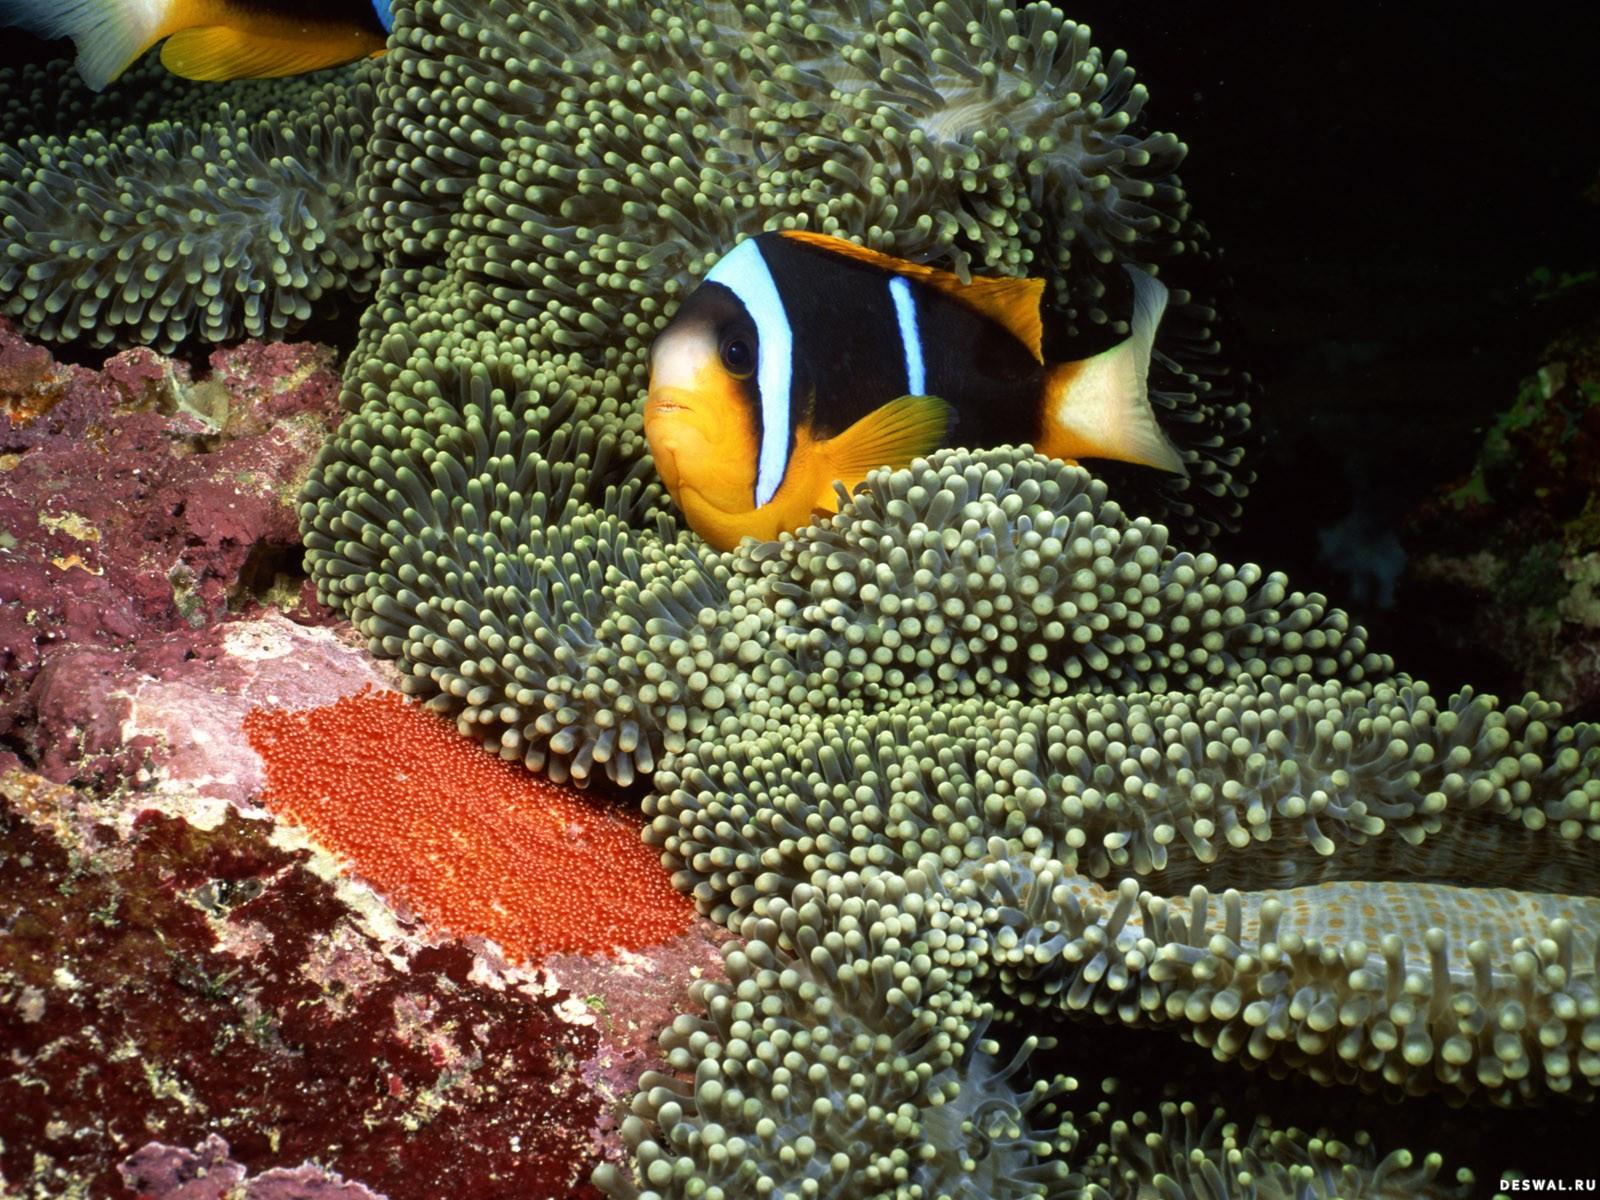 Фото 48. Нажмите на картинку с обоями подводного мира, чтобы просмотреть ее в реальном размере